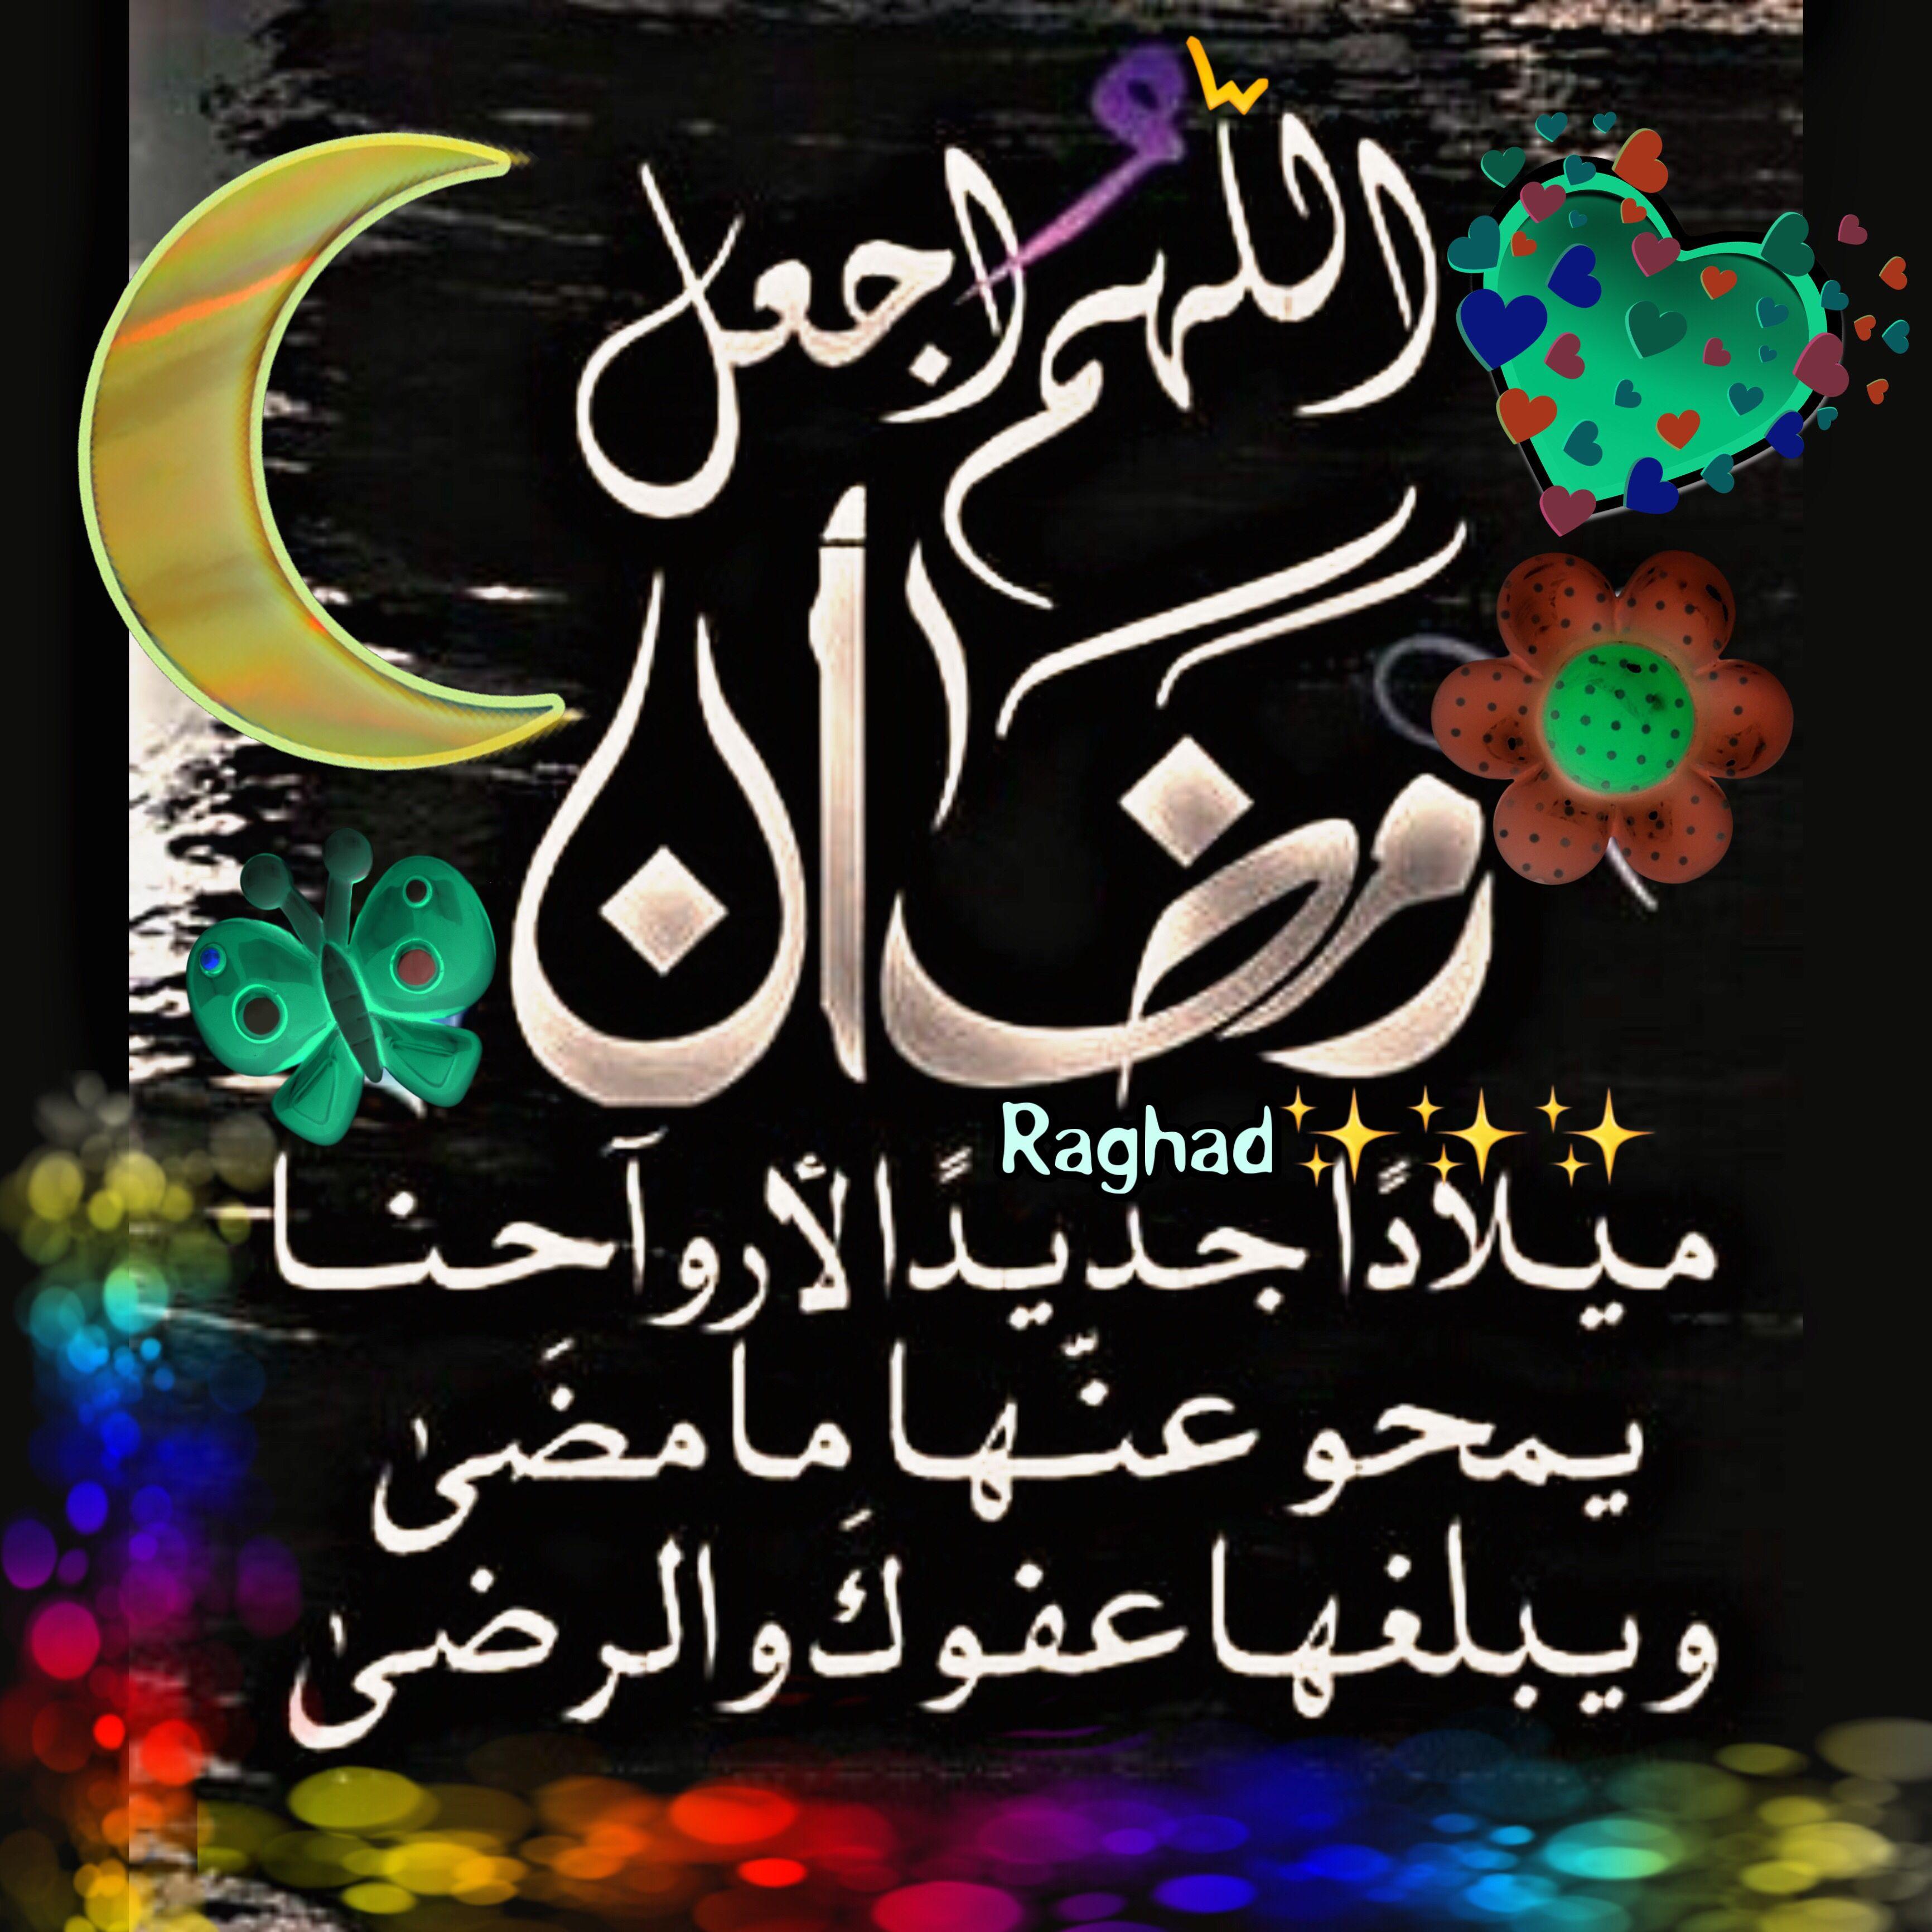 الل هم رب اجعل شهر رمضان المبارك ميلاد ا جديد ا لأرواحنا يمحو عنها ما مضى ويبل غها عفوك والرضى Ramadan Kareem Ramadan Arabic Calligraphy